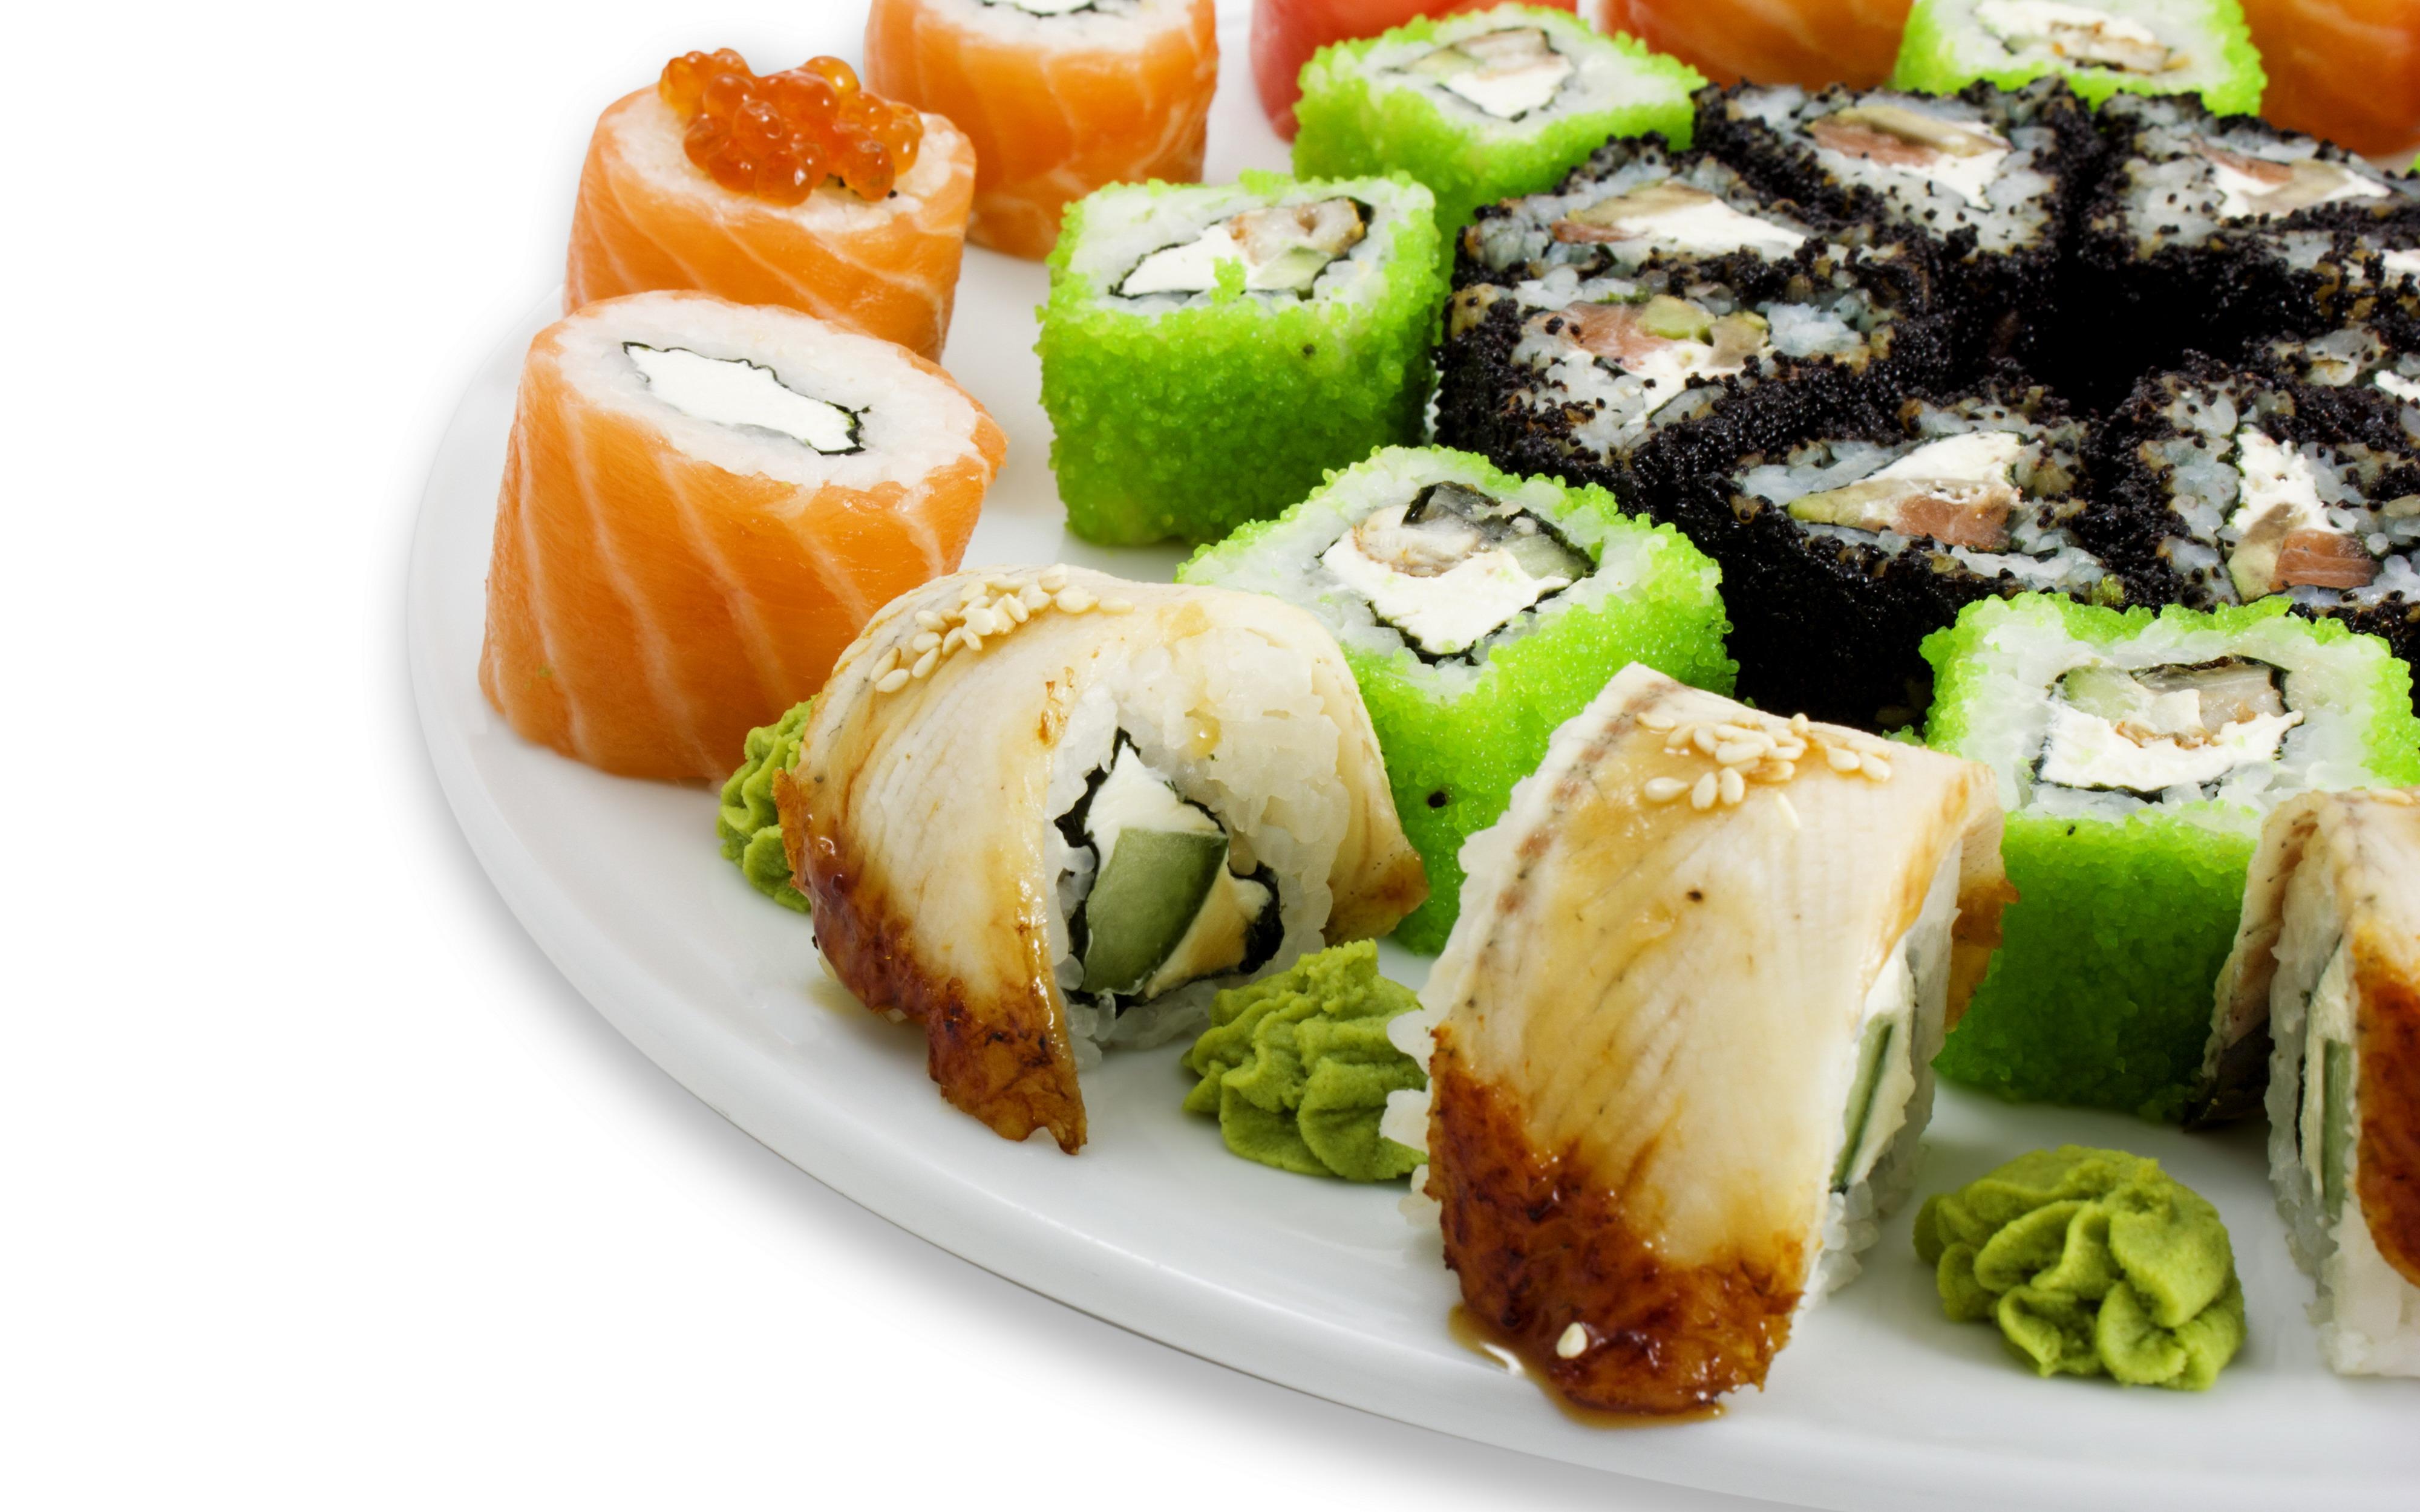 еда суши роллы вассаби япония бесплатно